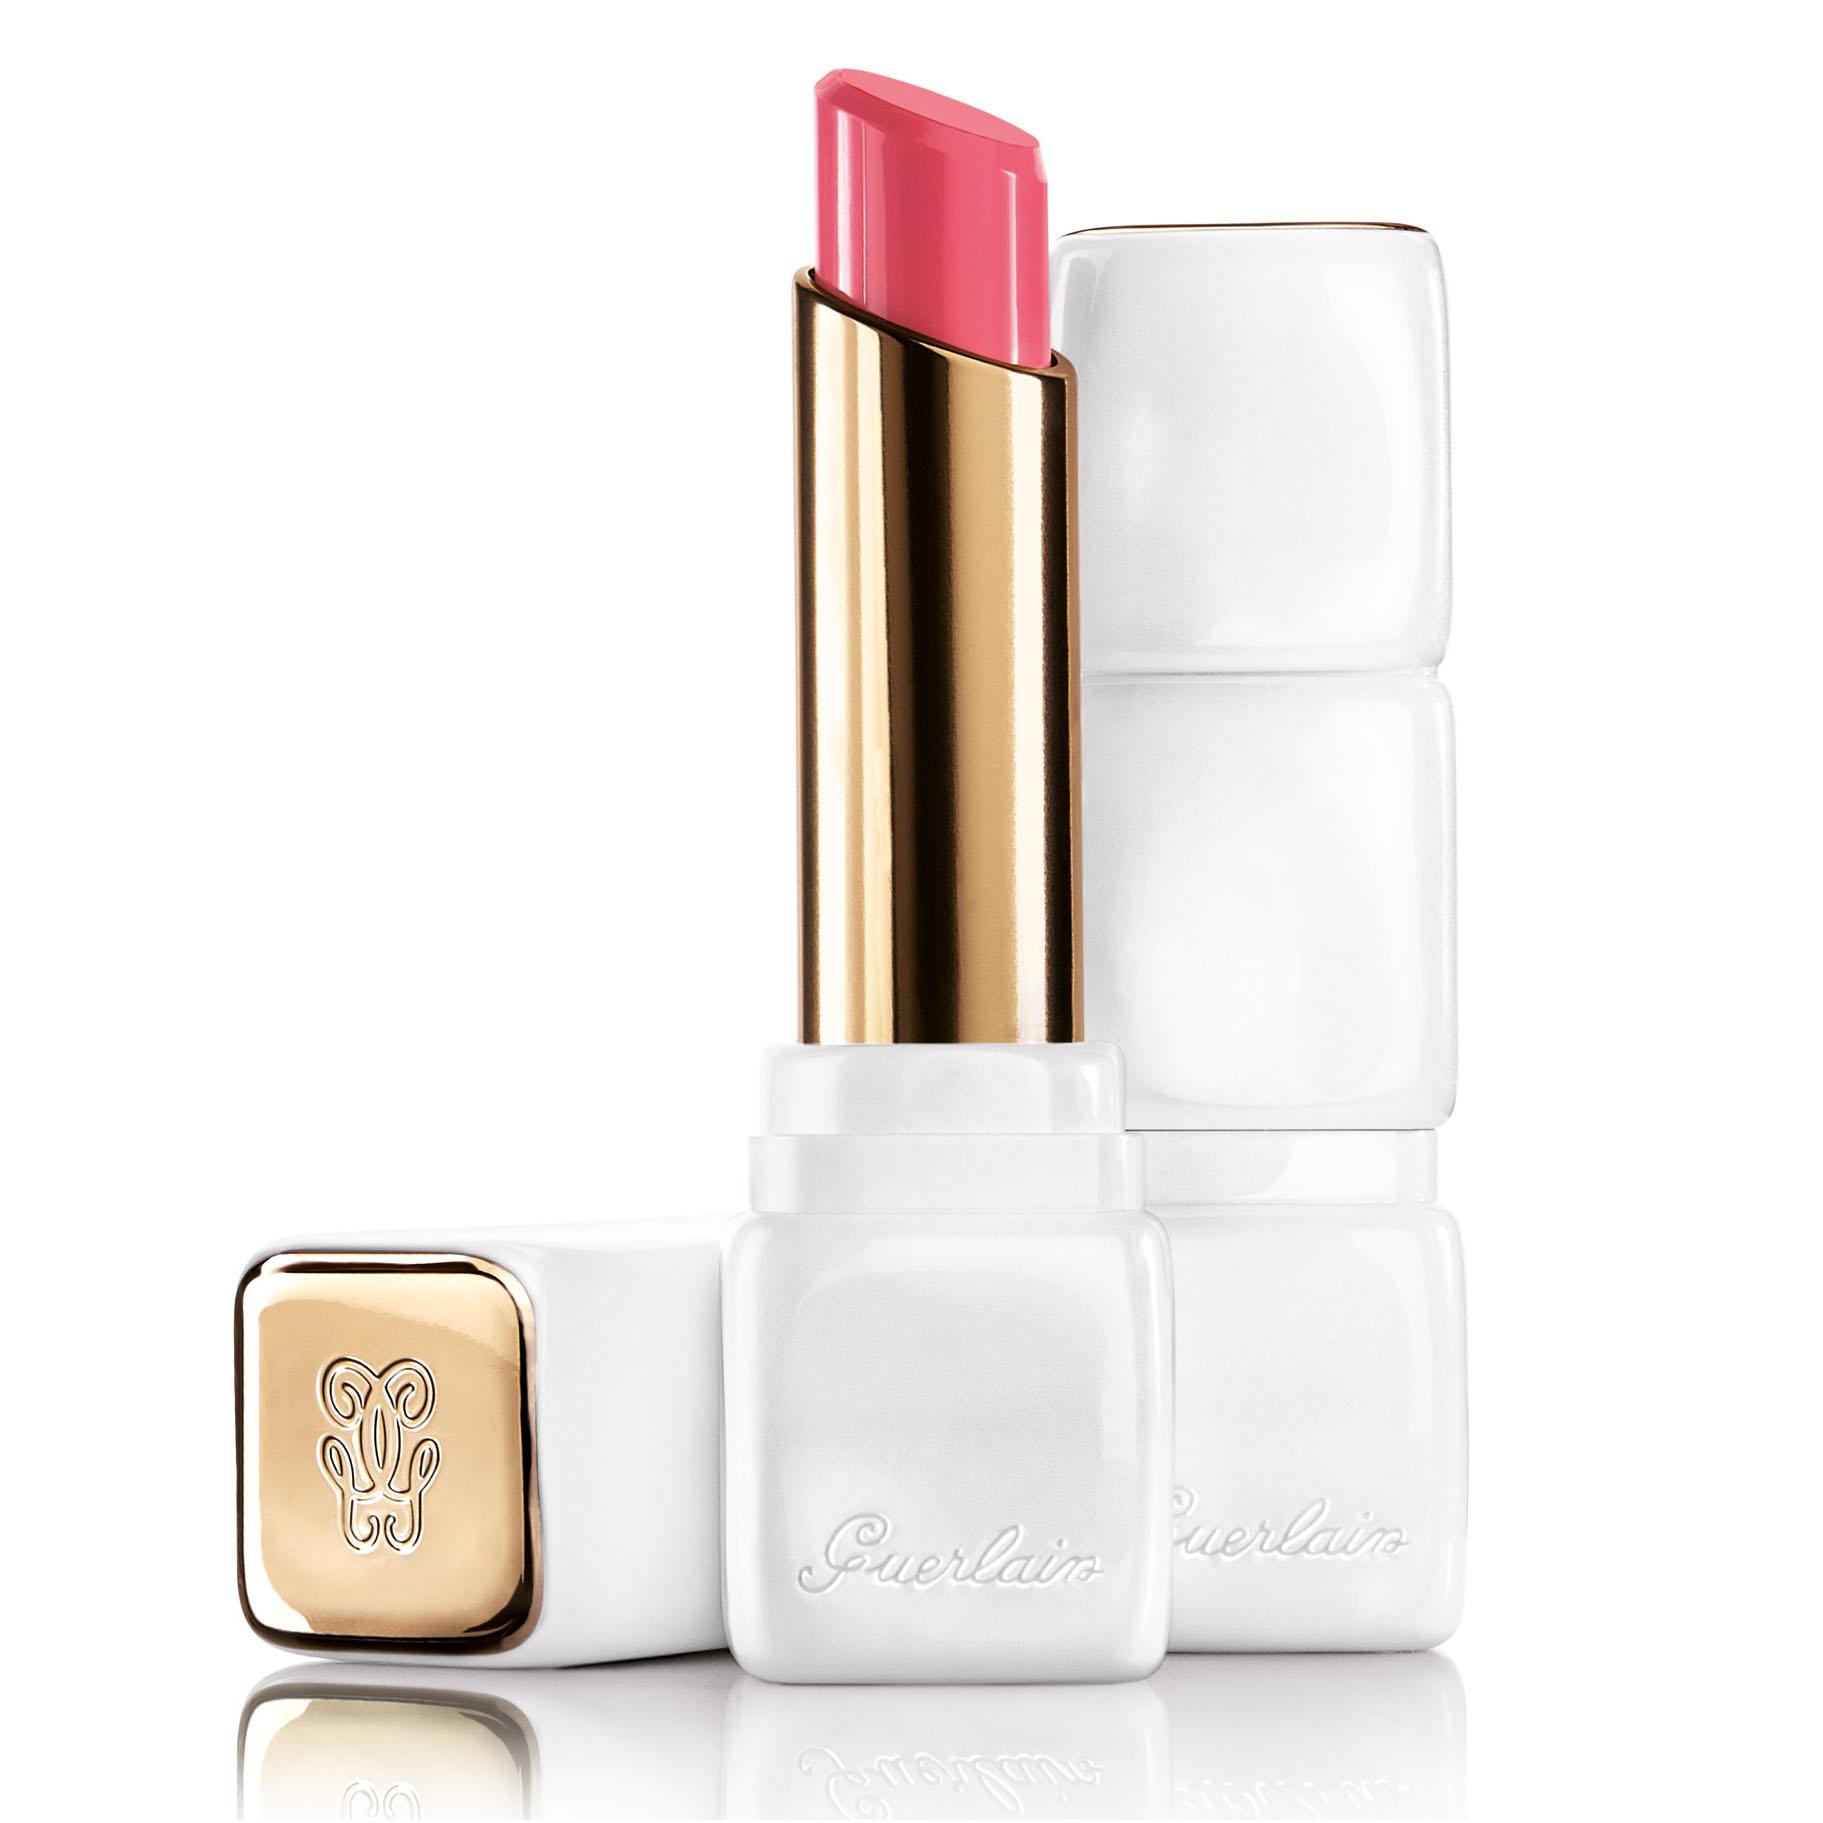 時尚白色烤漆外殼、六款優雅色調、奢華修護成分、完美柔滑,打造玫瑰唇瓣。